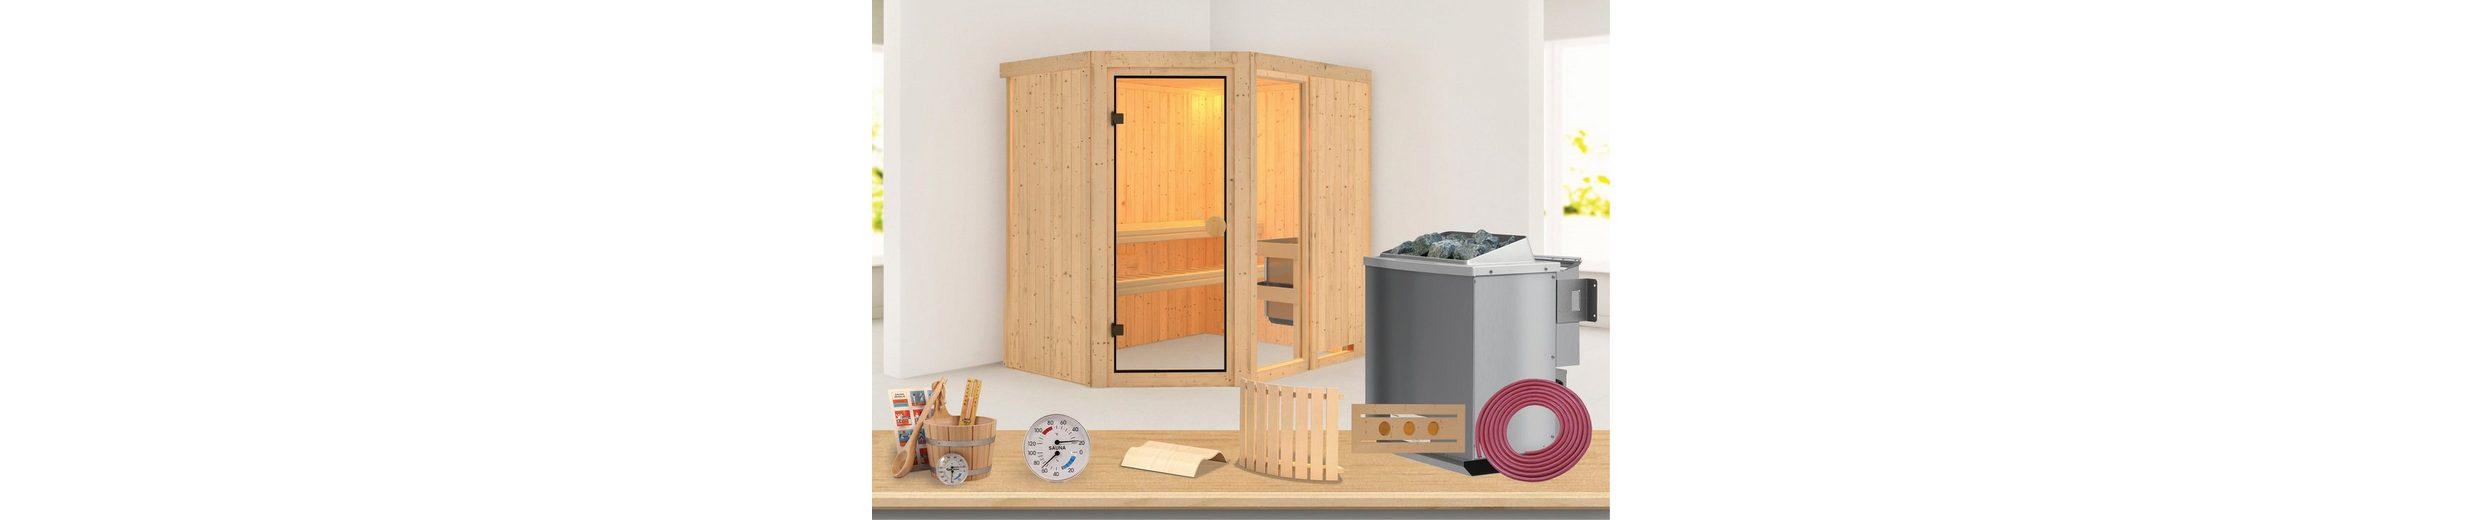 Sauna »Sofia 1«, 196/151/198 cm, 68 mm, 9-KW-Ofen mit int. Steuerung